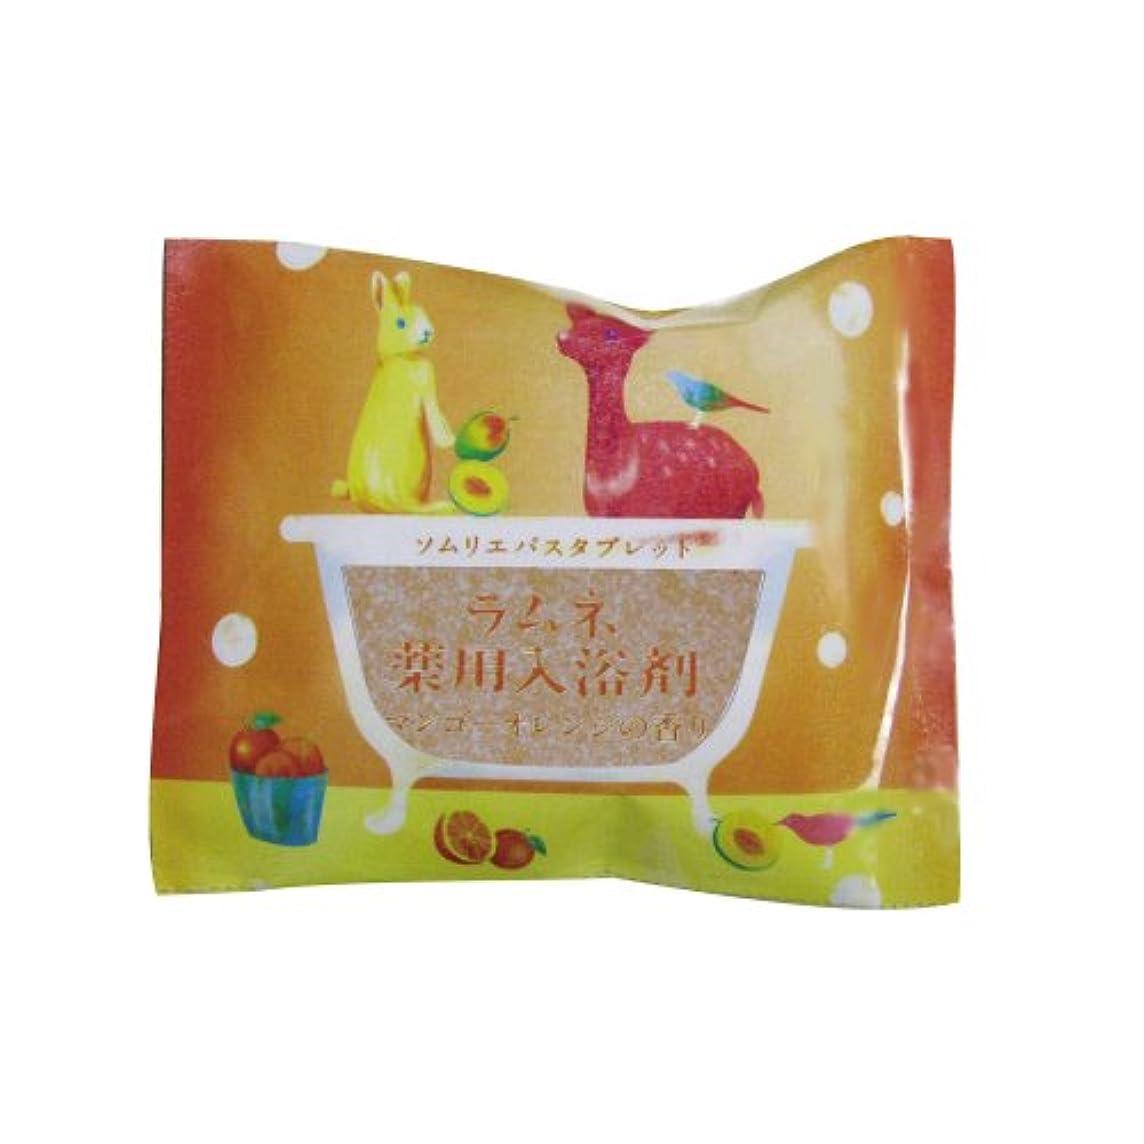 ボリュームマリンすでにソムリエバスタブレット ラムネ薬用入浴剤 マンゴーオレンジの香り 12個セット